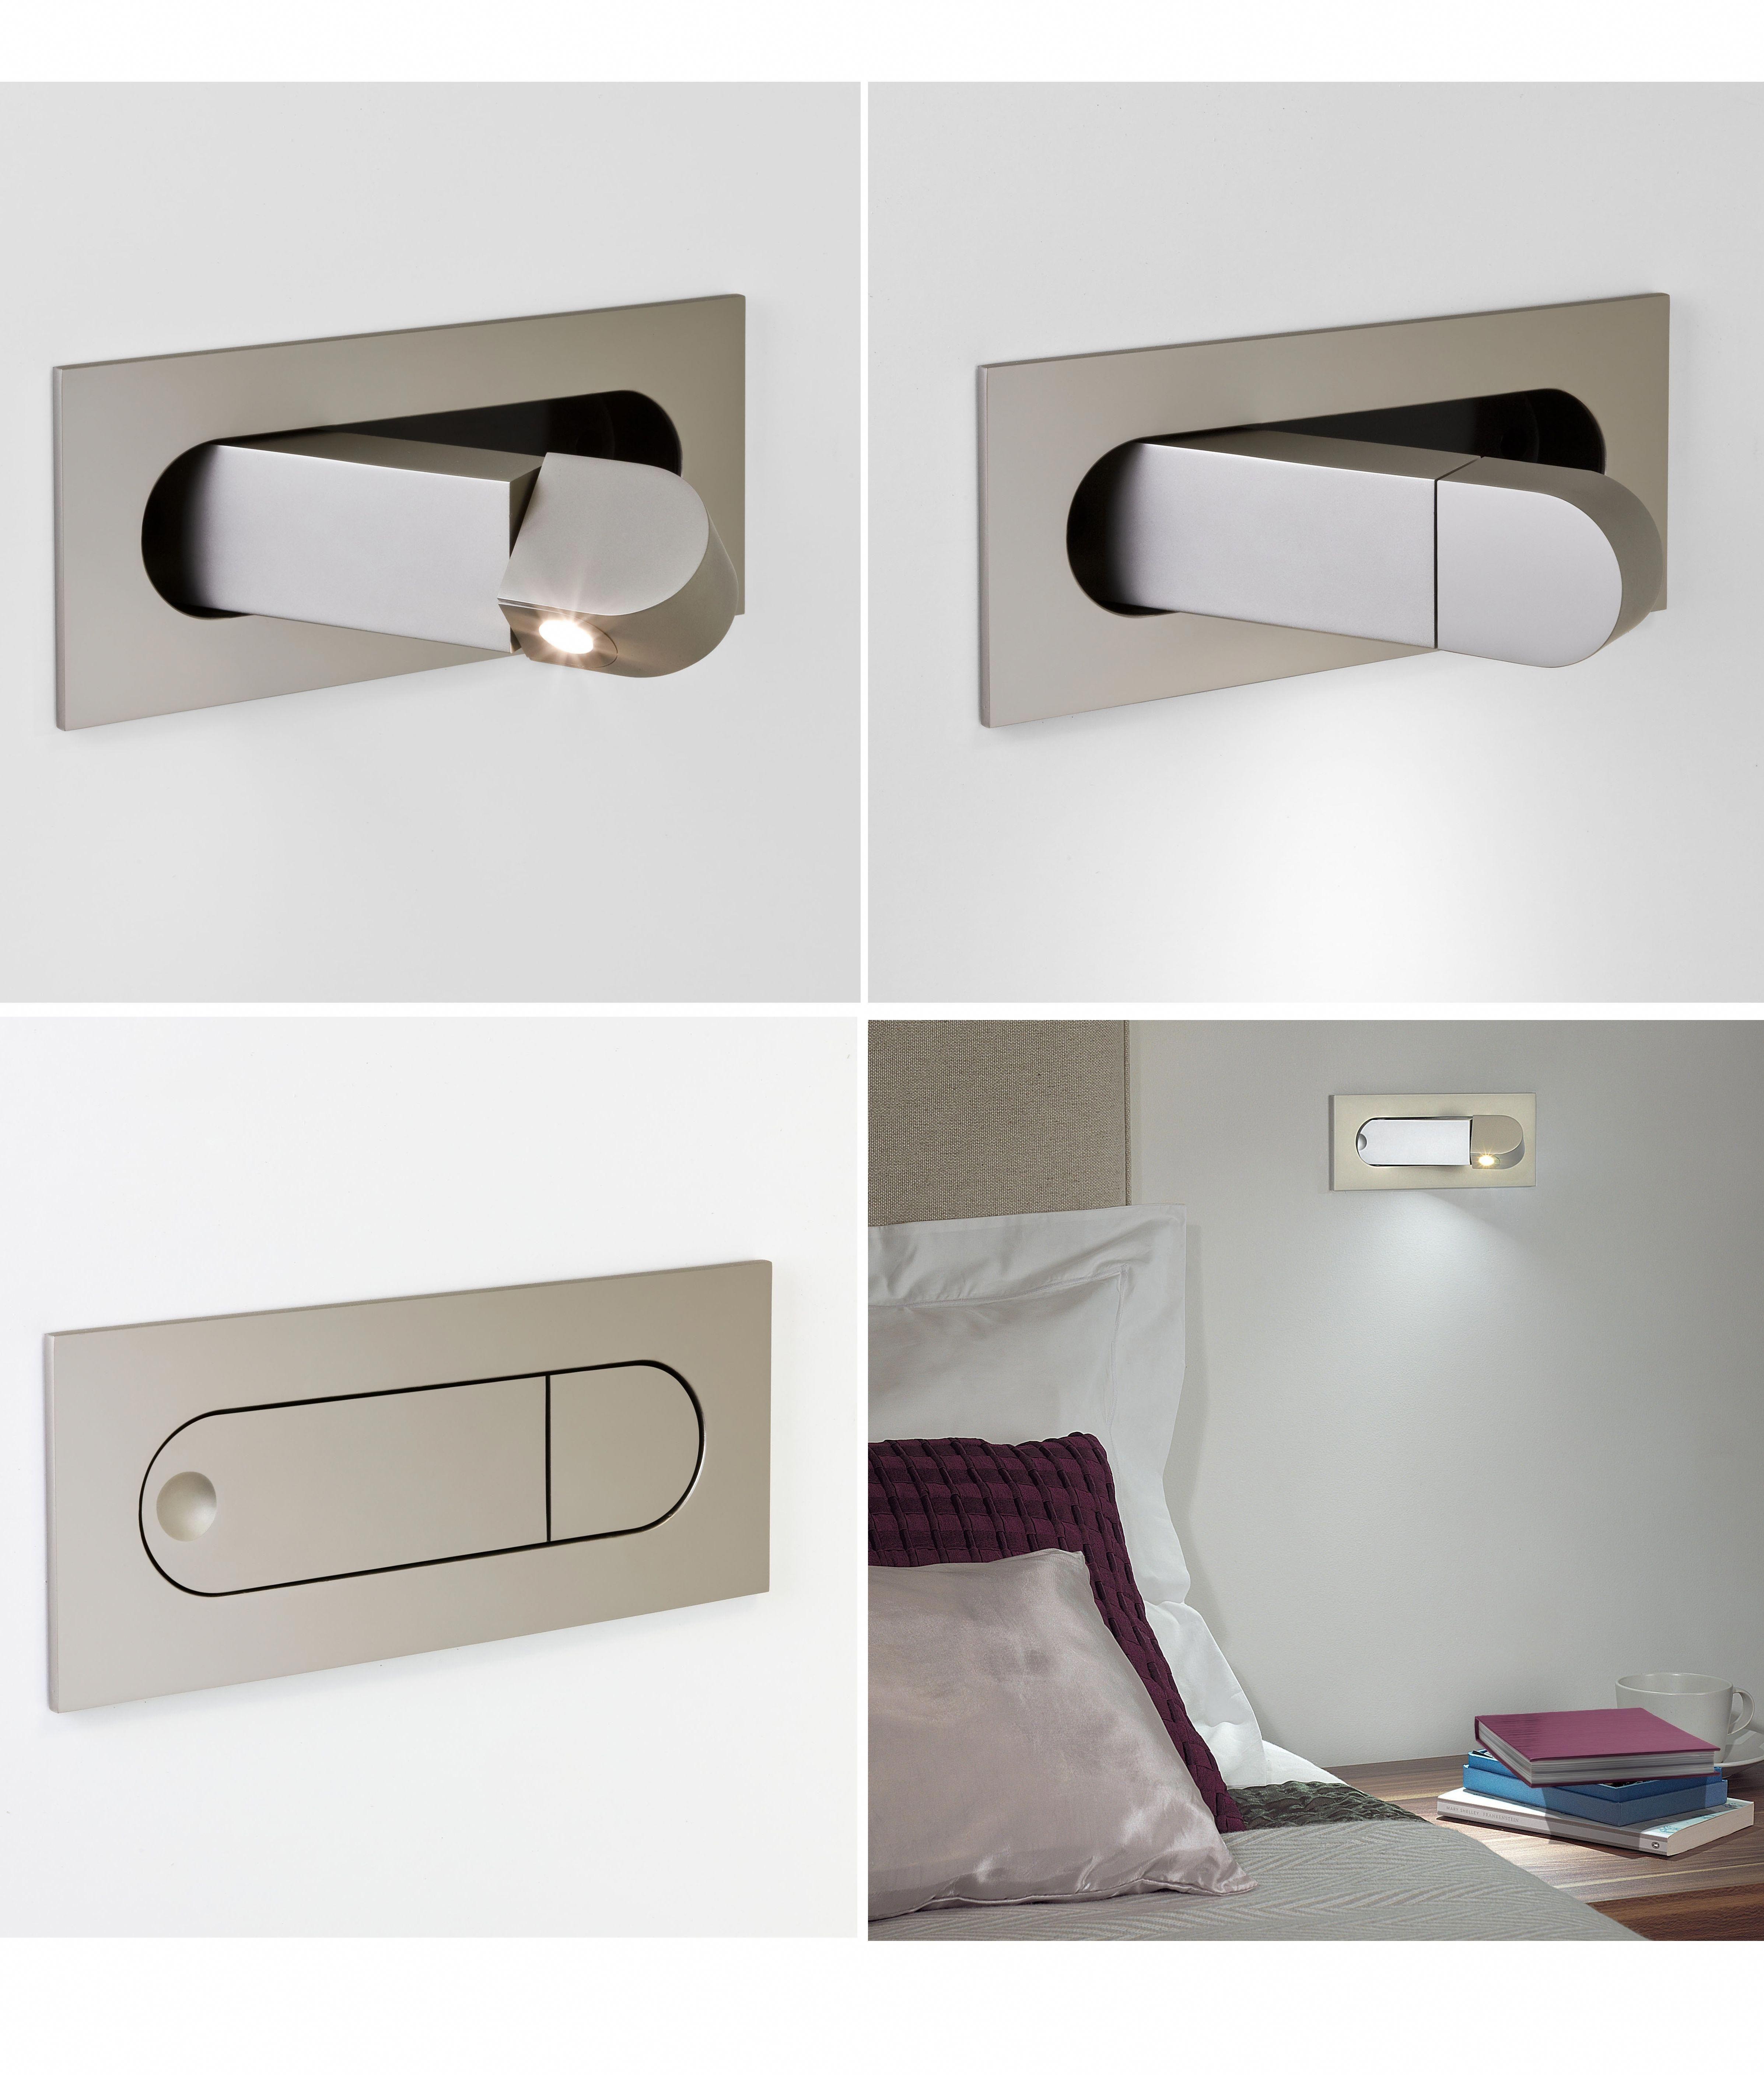 Flush Pop Out Led Bedside Reading Light 3 Finishes Bedside Reading Light Bed Reading Light Bedside Wall Lights